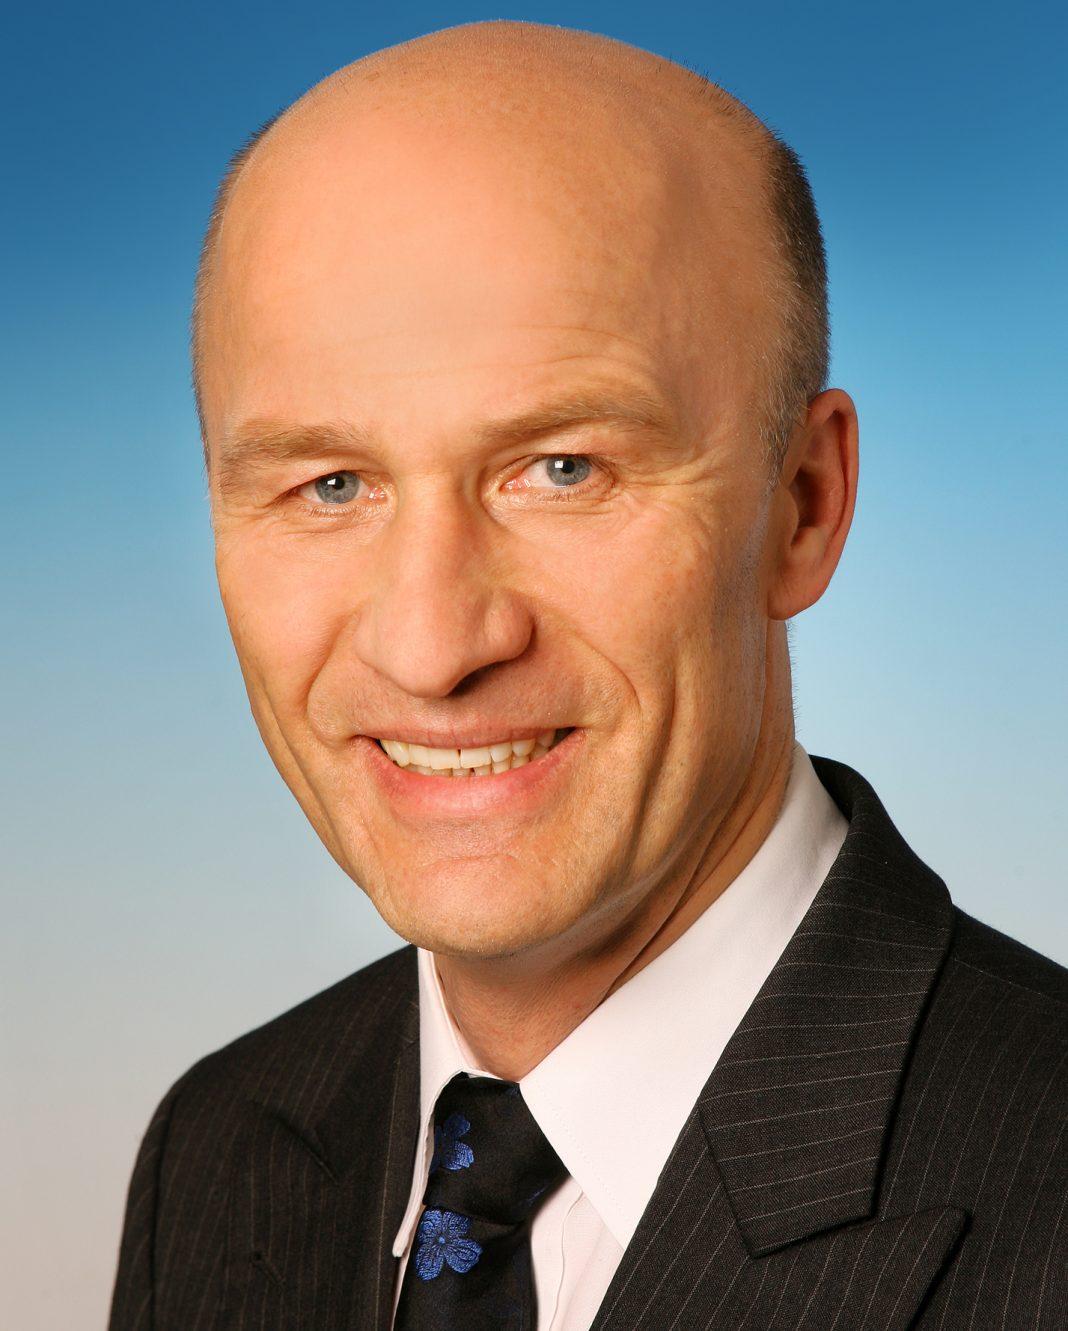 Frank  Witter, Volkswagen AG